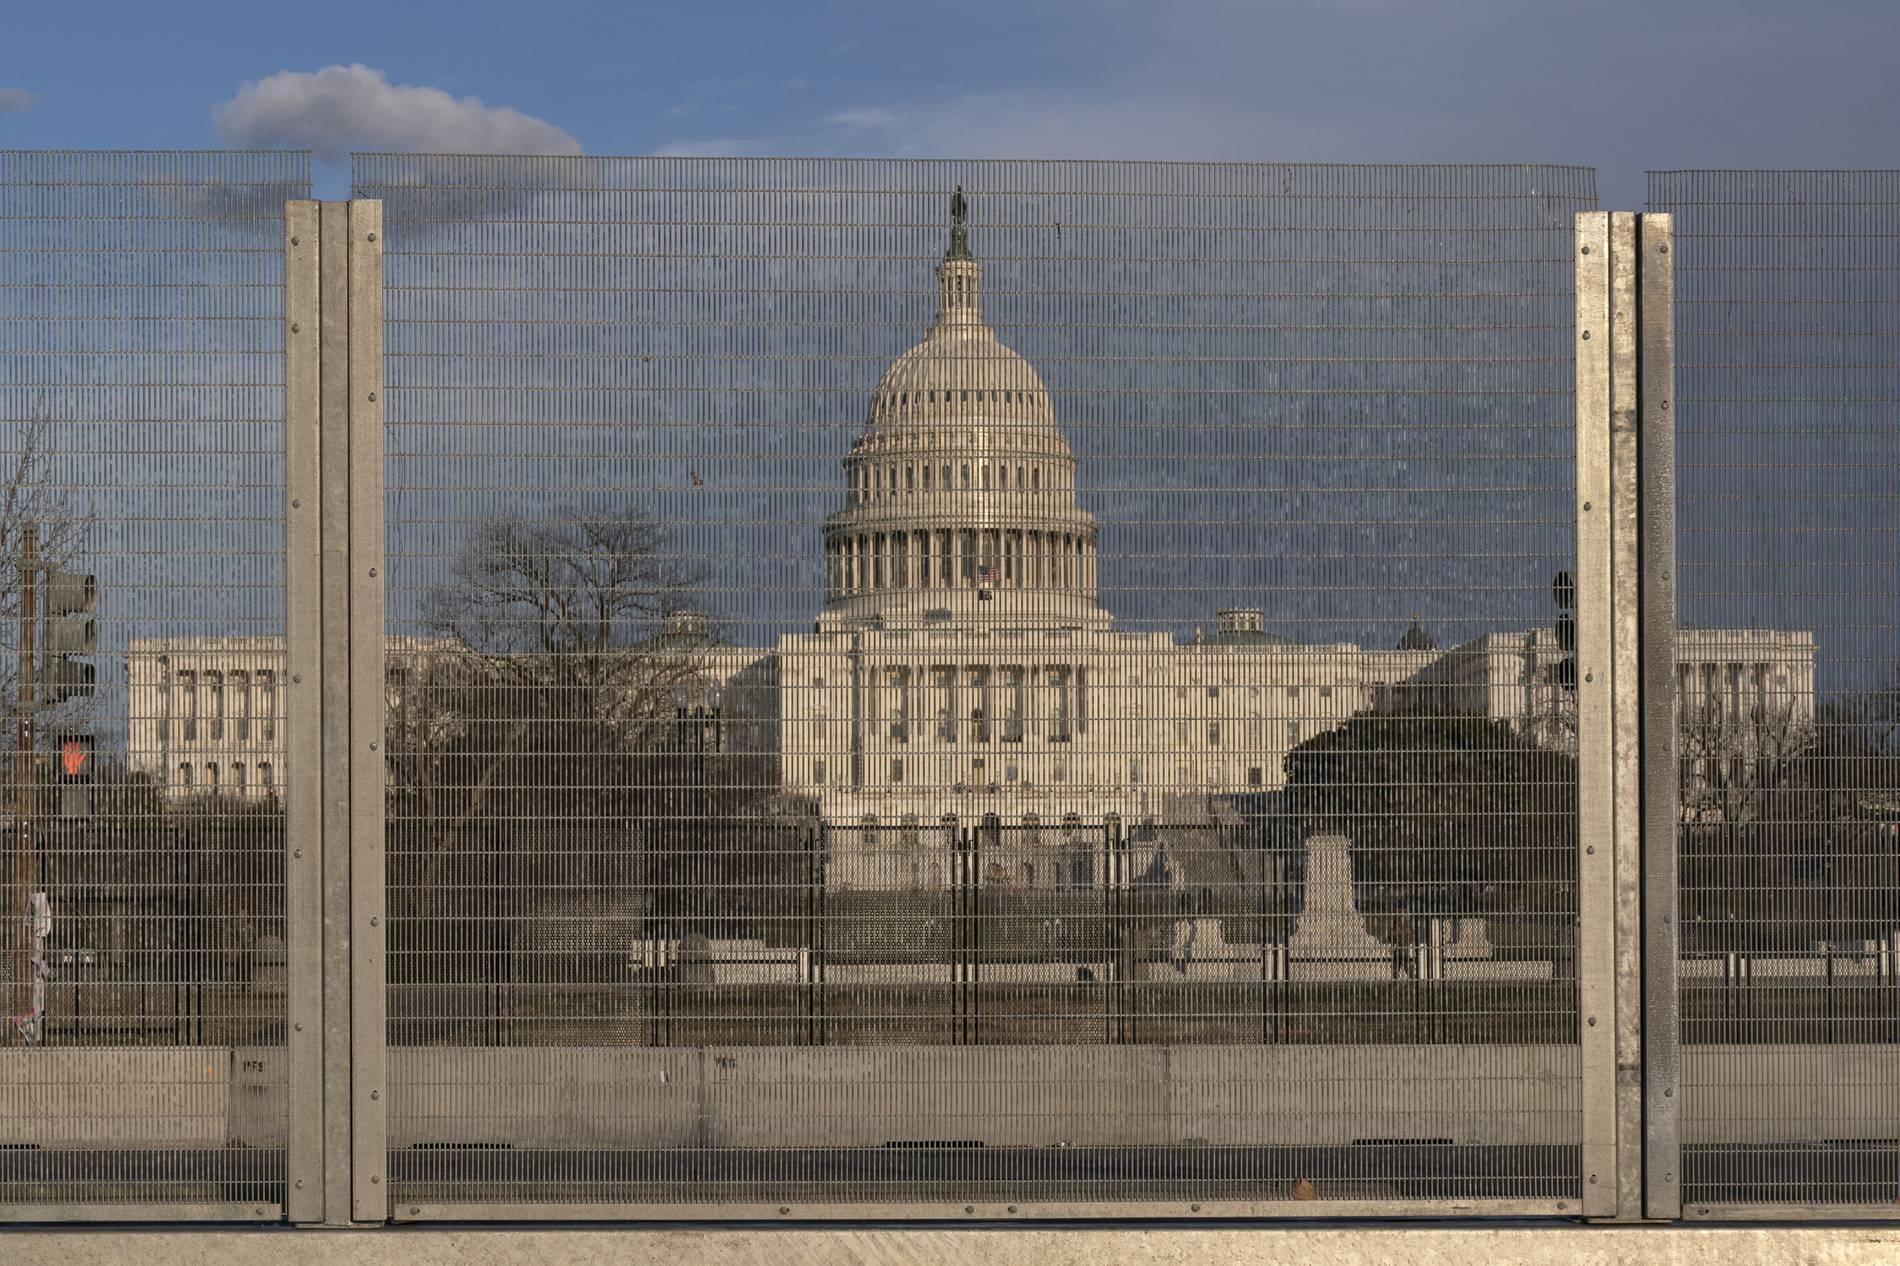 US-Geheimdienstinformationen: Möglicher Plan für Angriff auf Kapitol aufgedeckt